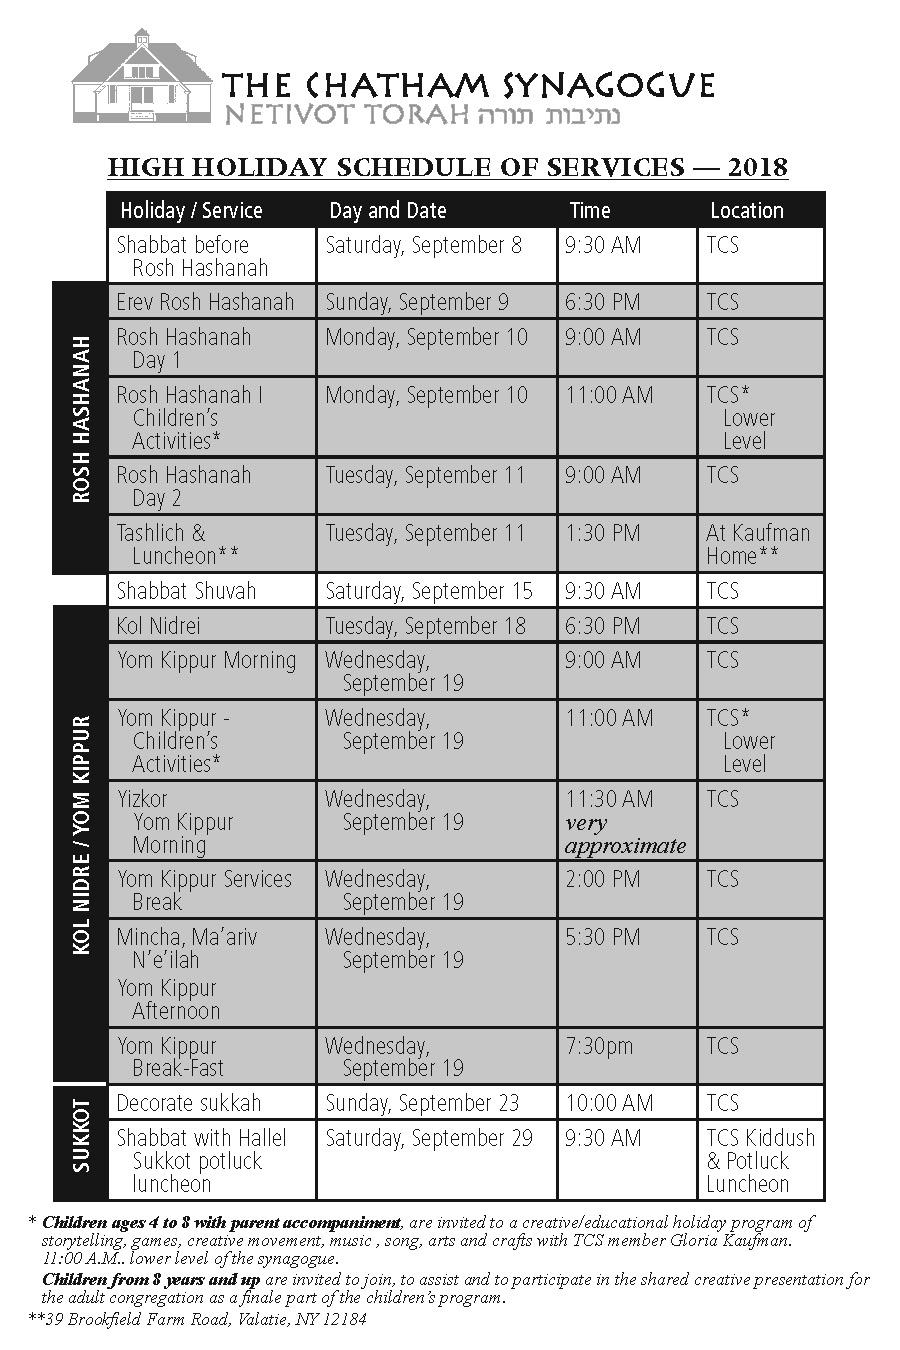 HH2018_Schedule_Tabloid_v2.jpg